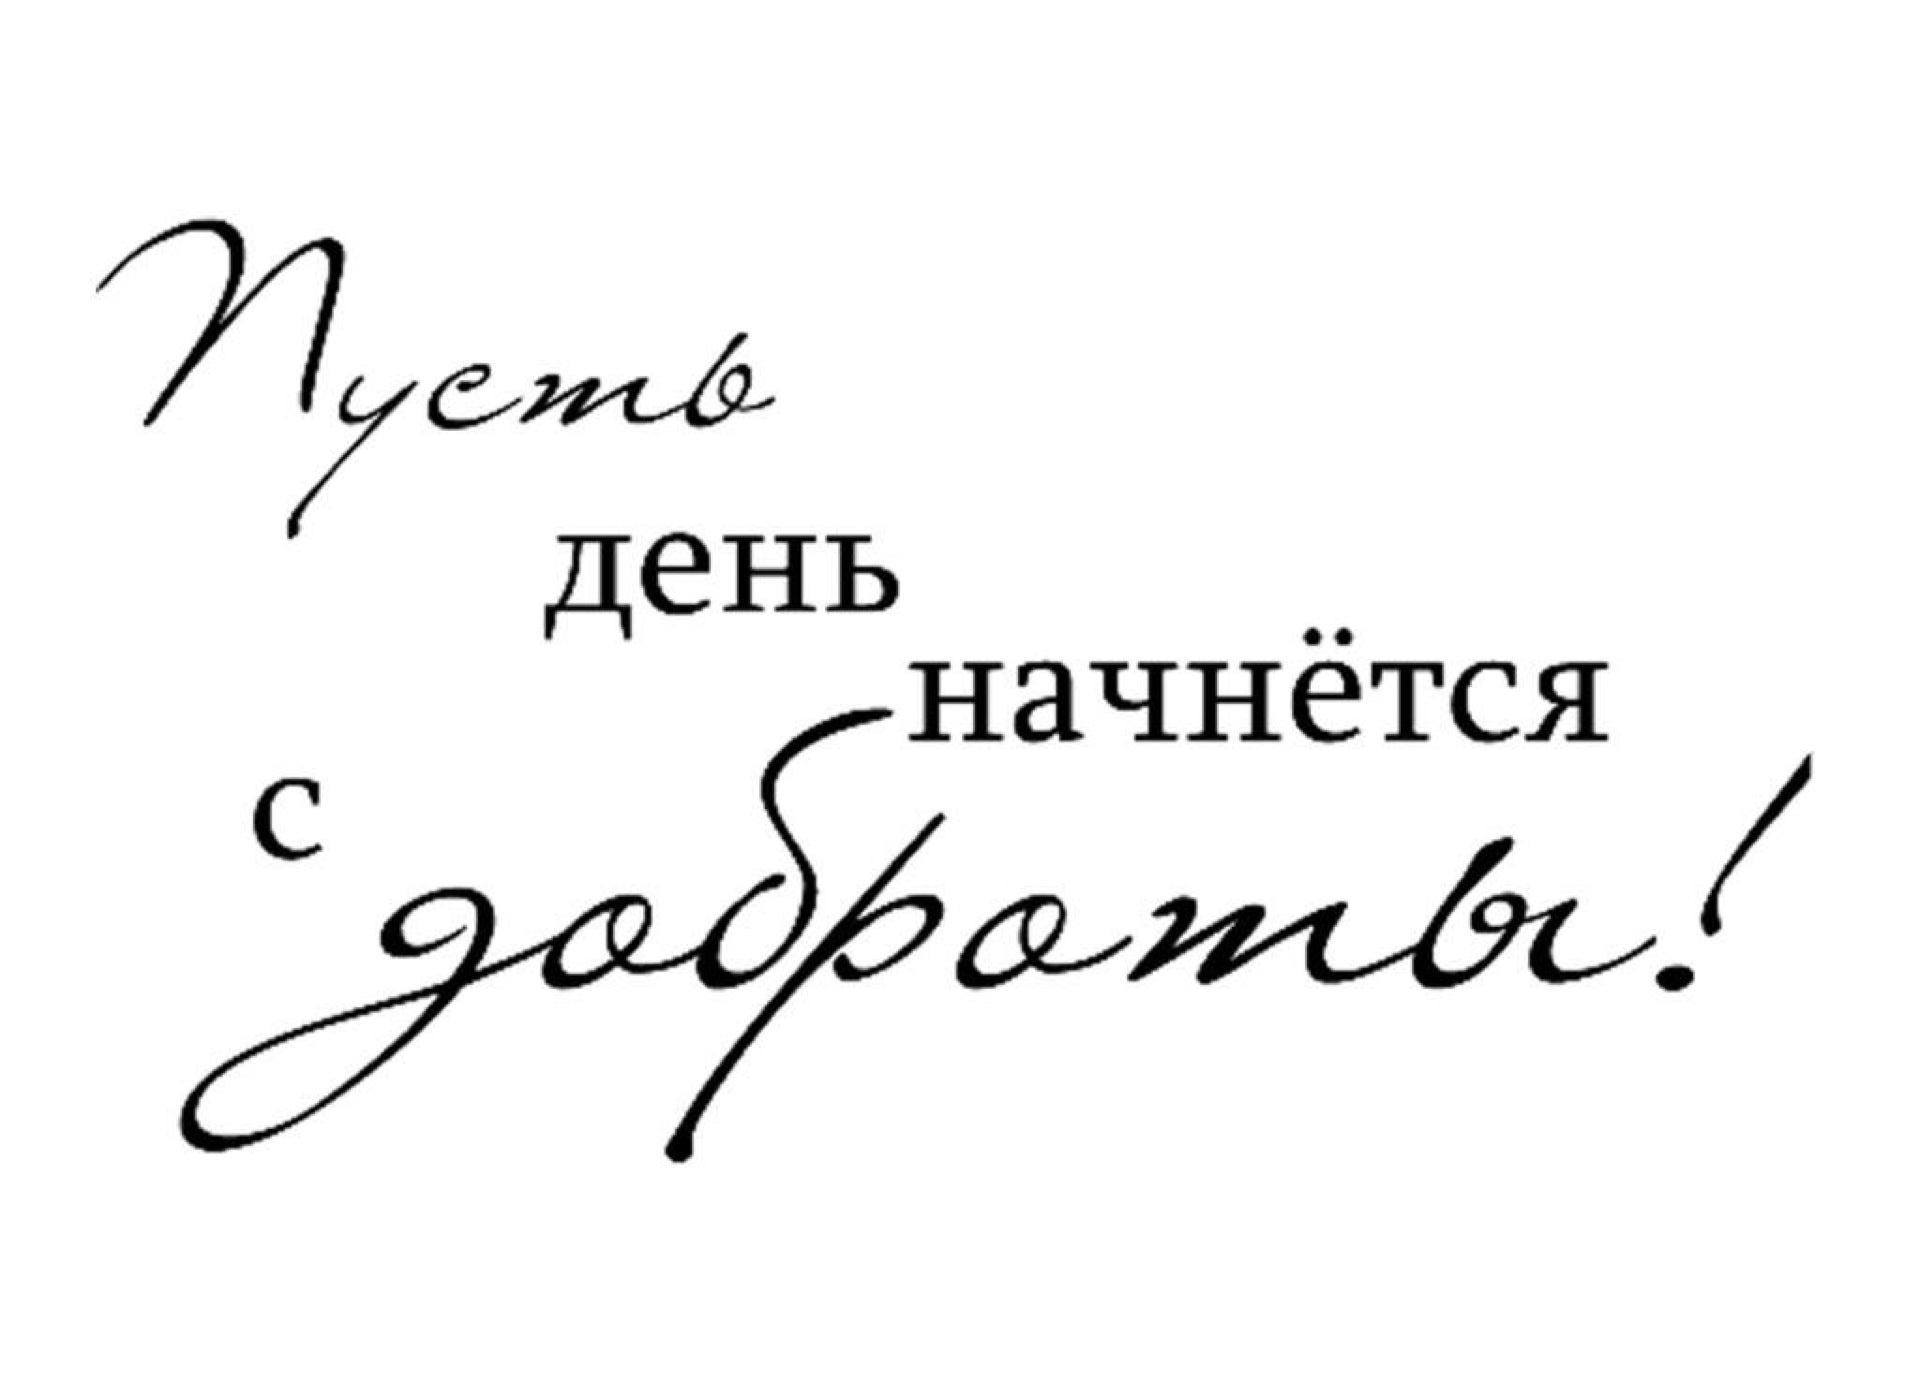 Подругой, надписи для открыток о души